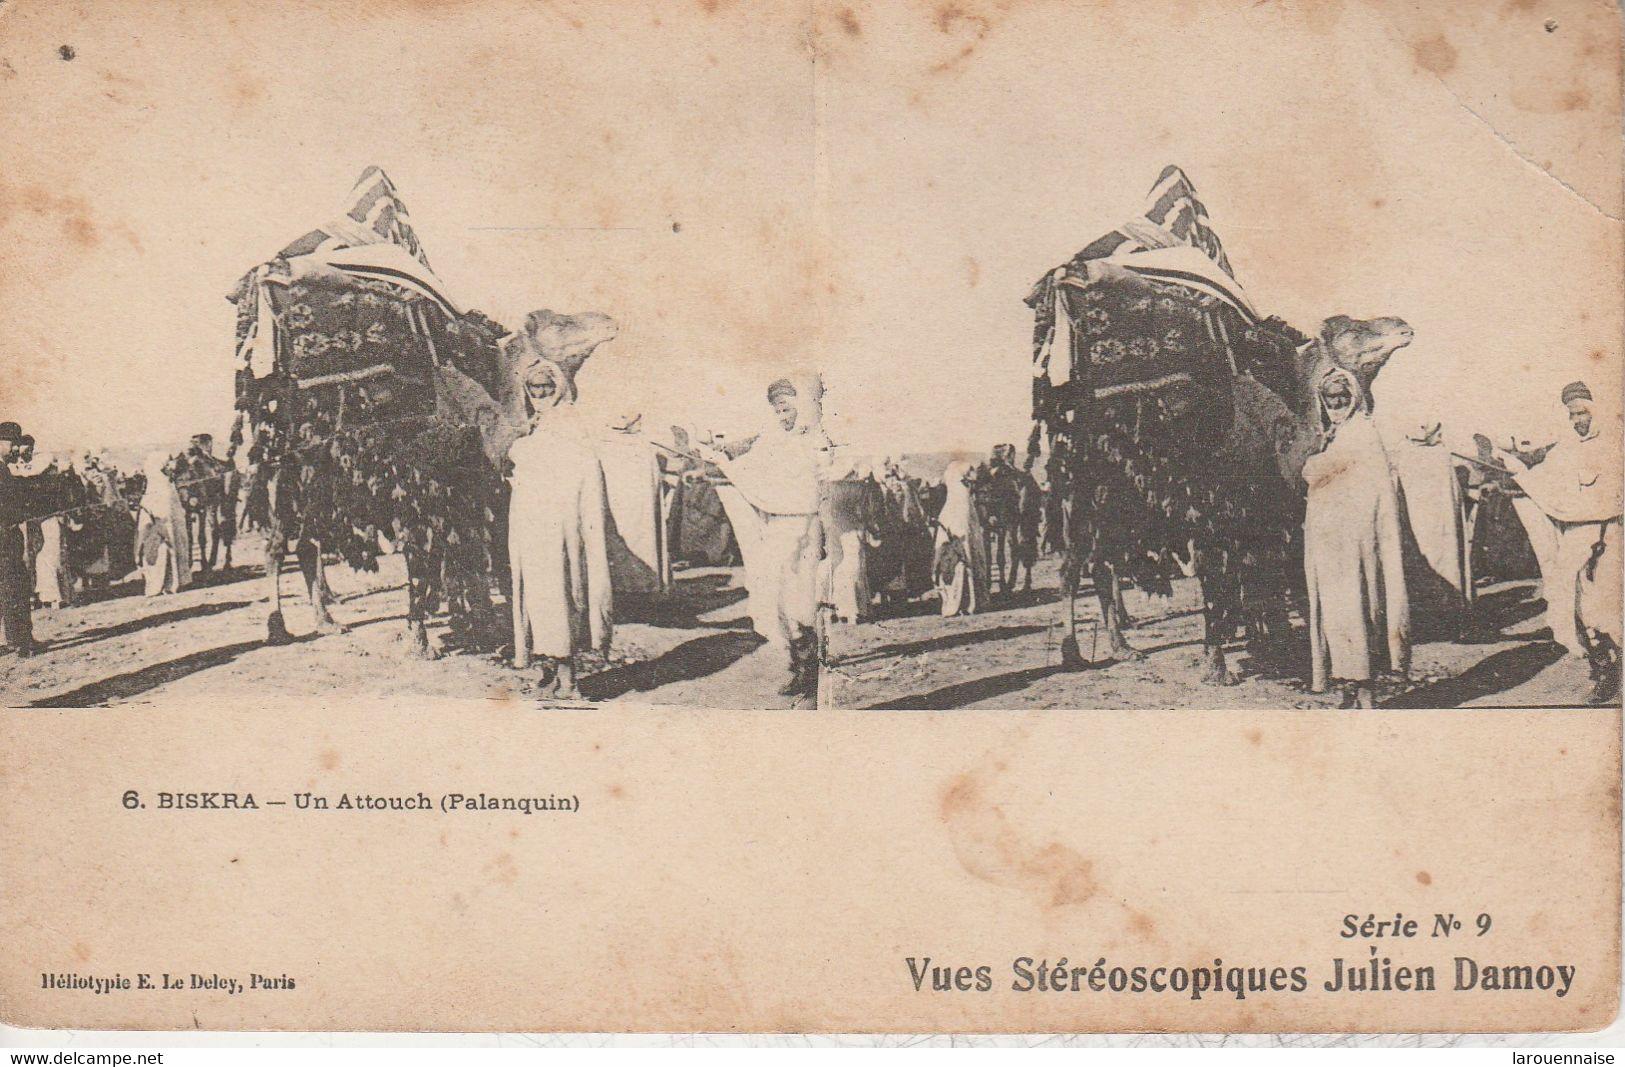 Algérie - BISKRA - Un Attouch (Palanquin) - Vues Stéréoscopiques Julien Damoy - Cartoline Stereoscopiche